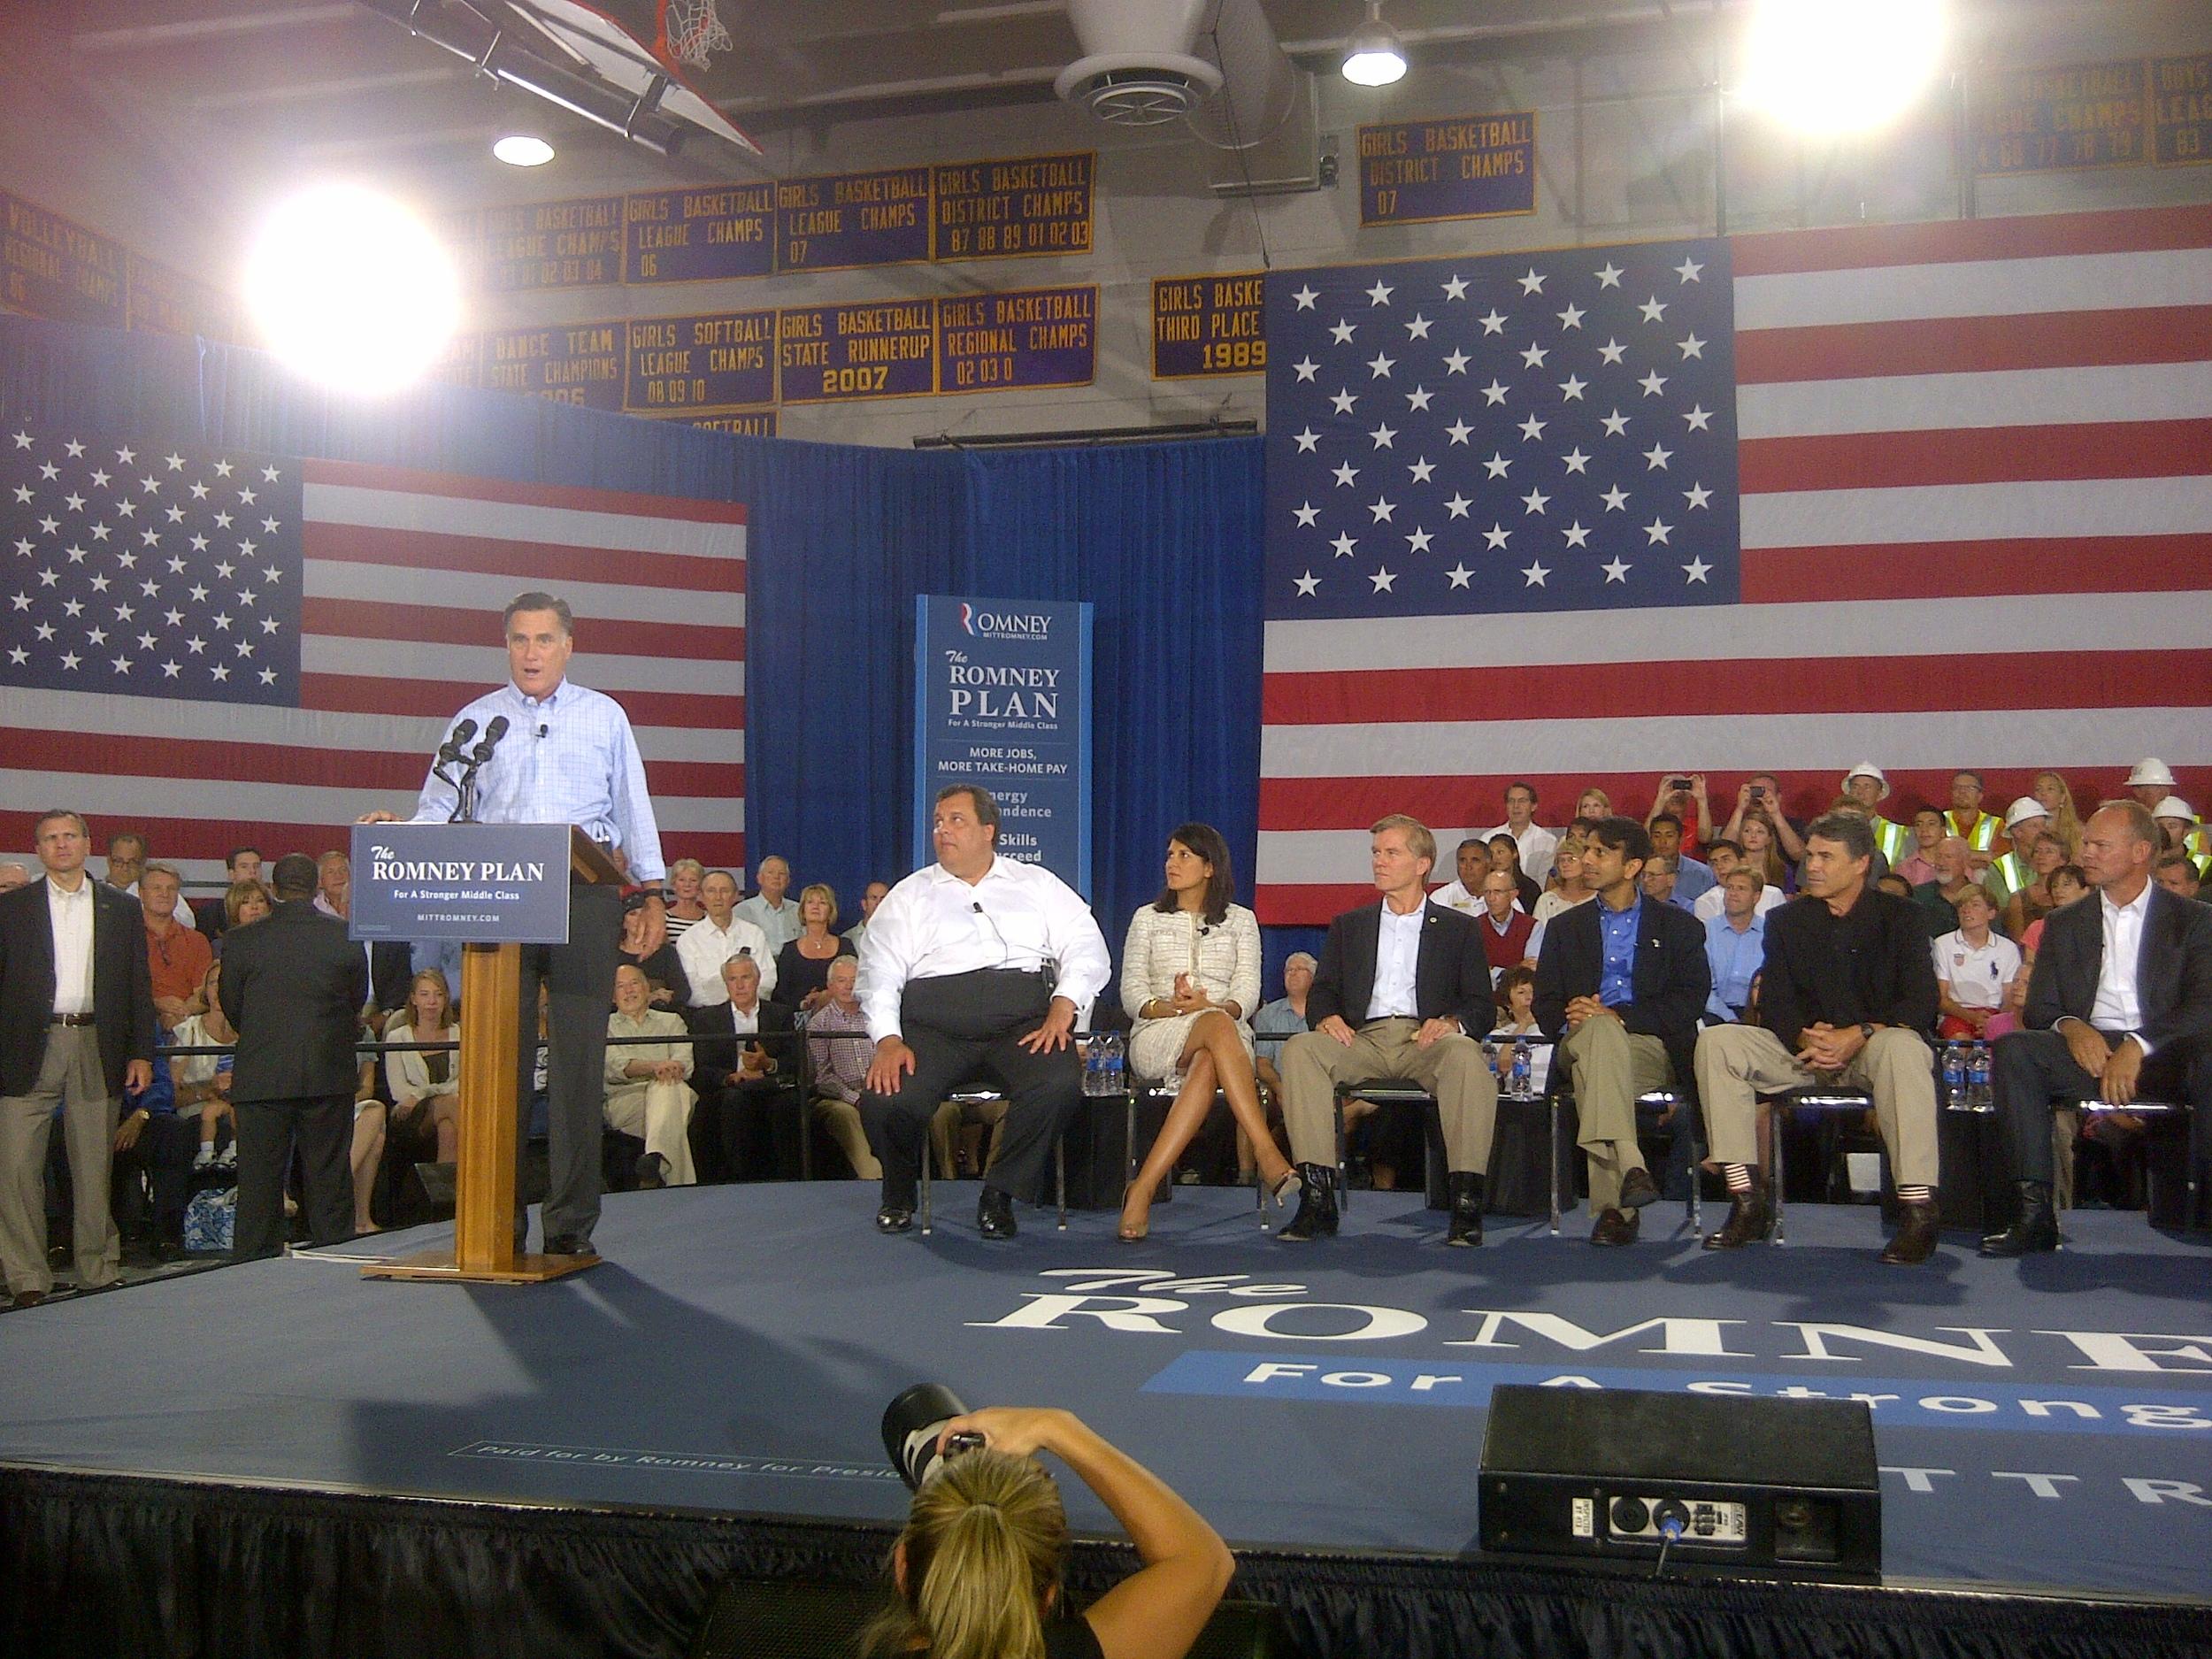 Senator Mitt Romney speaks at a Colorado rally in 2012.